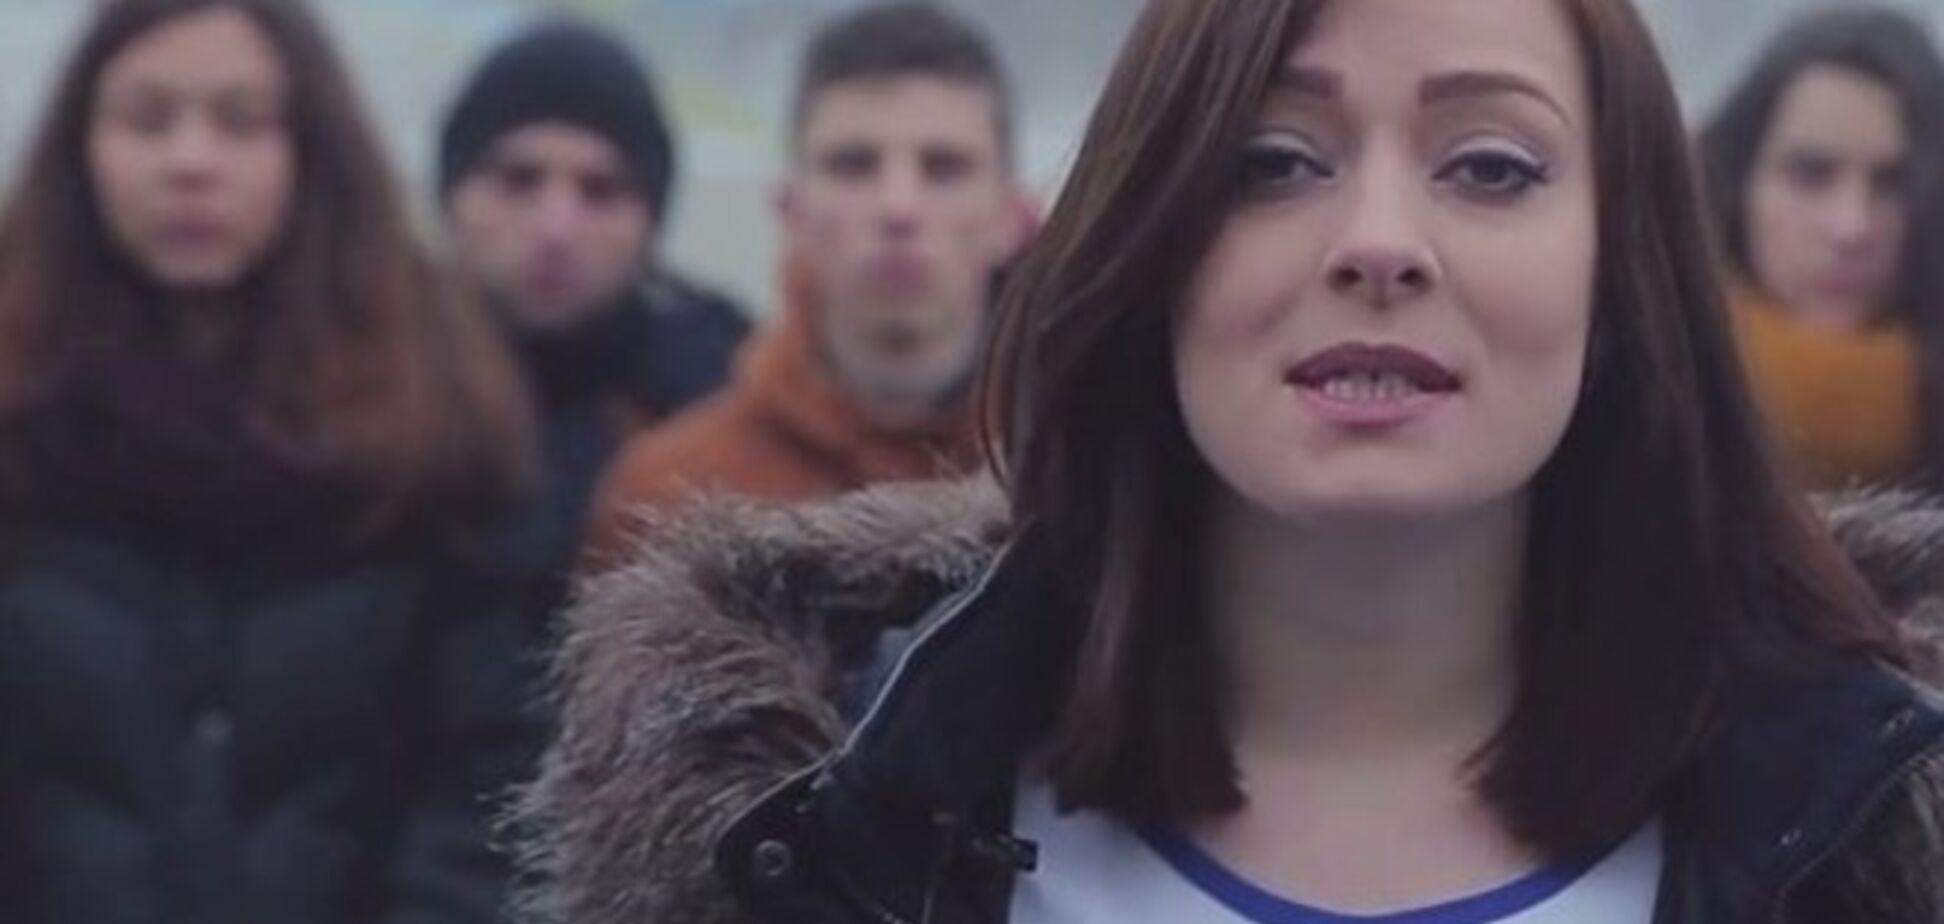 Українські студенти звернулися до своїх російських 'колег' із закликом донести росіянам правду про Донбас: опубліковано відео